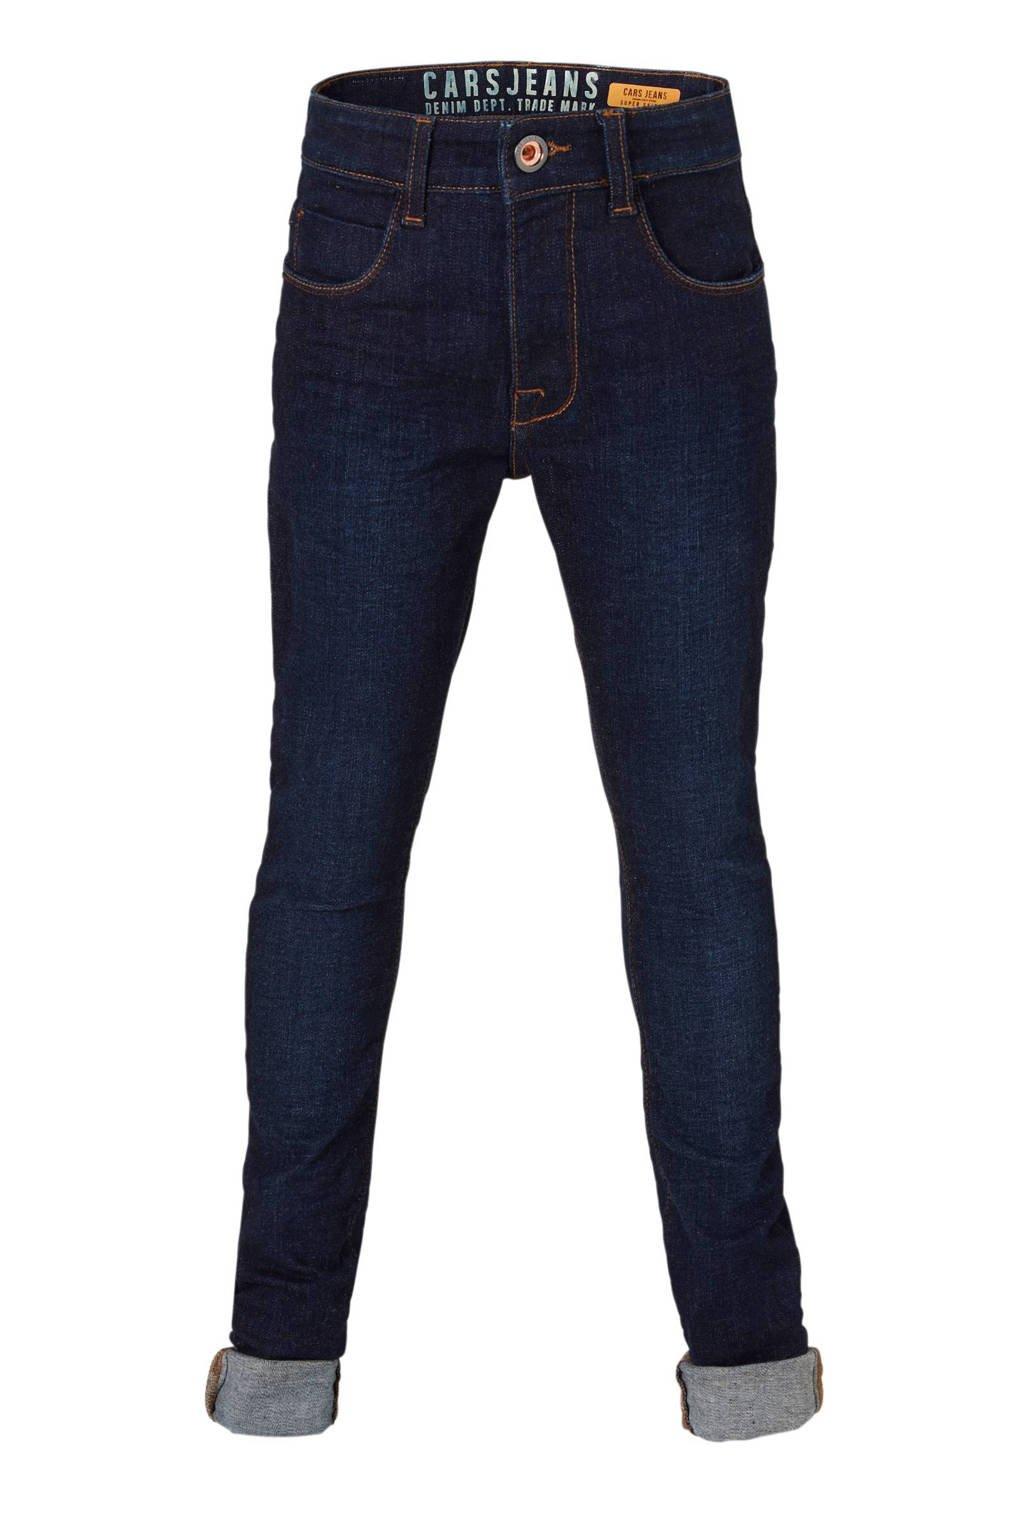 Cars skinny jeans Hondall, Dark denim